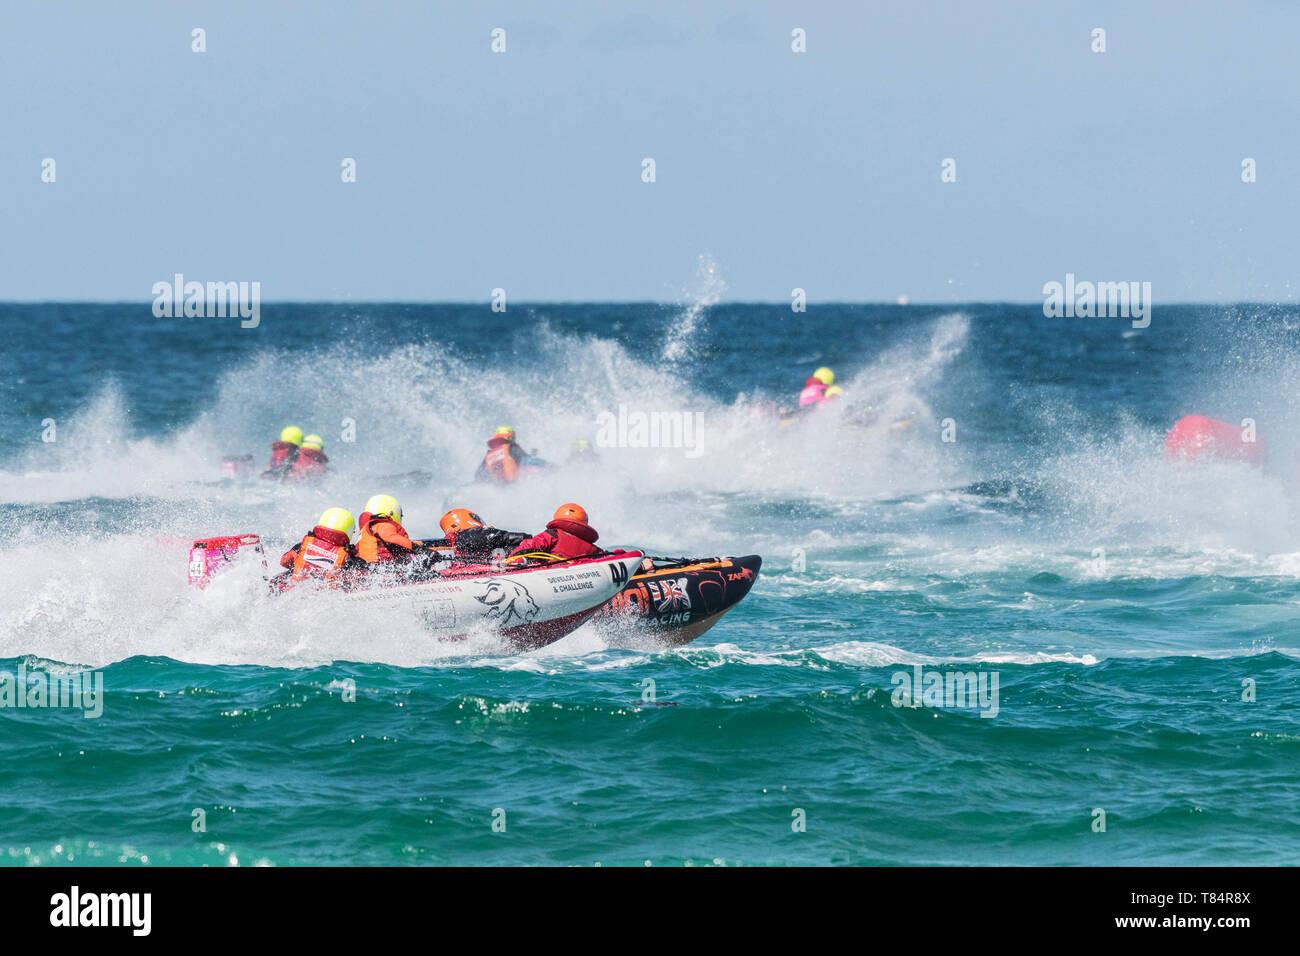 Newquay, Cornwall, Reino Unido. El 11 de mayo, 2019. ThunderCat Racing UK ha regresado a la mundialmente famosa playa Fistral en Newquay para las rondas 1&2 de la ThunderCat 2019 campeonatos de carreras. Acción espectacular como la carrera de botes inflables de 4m y alimentación a través del surf. Gordon Scammell/Alamy Live News Foto de stock